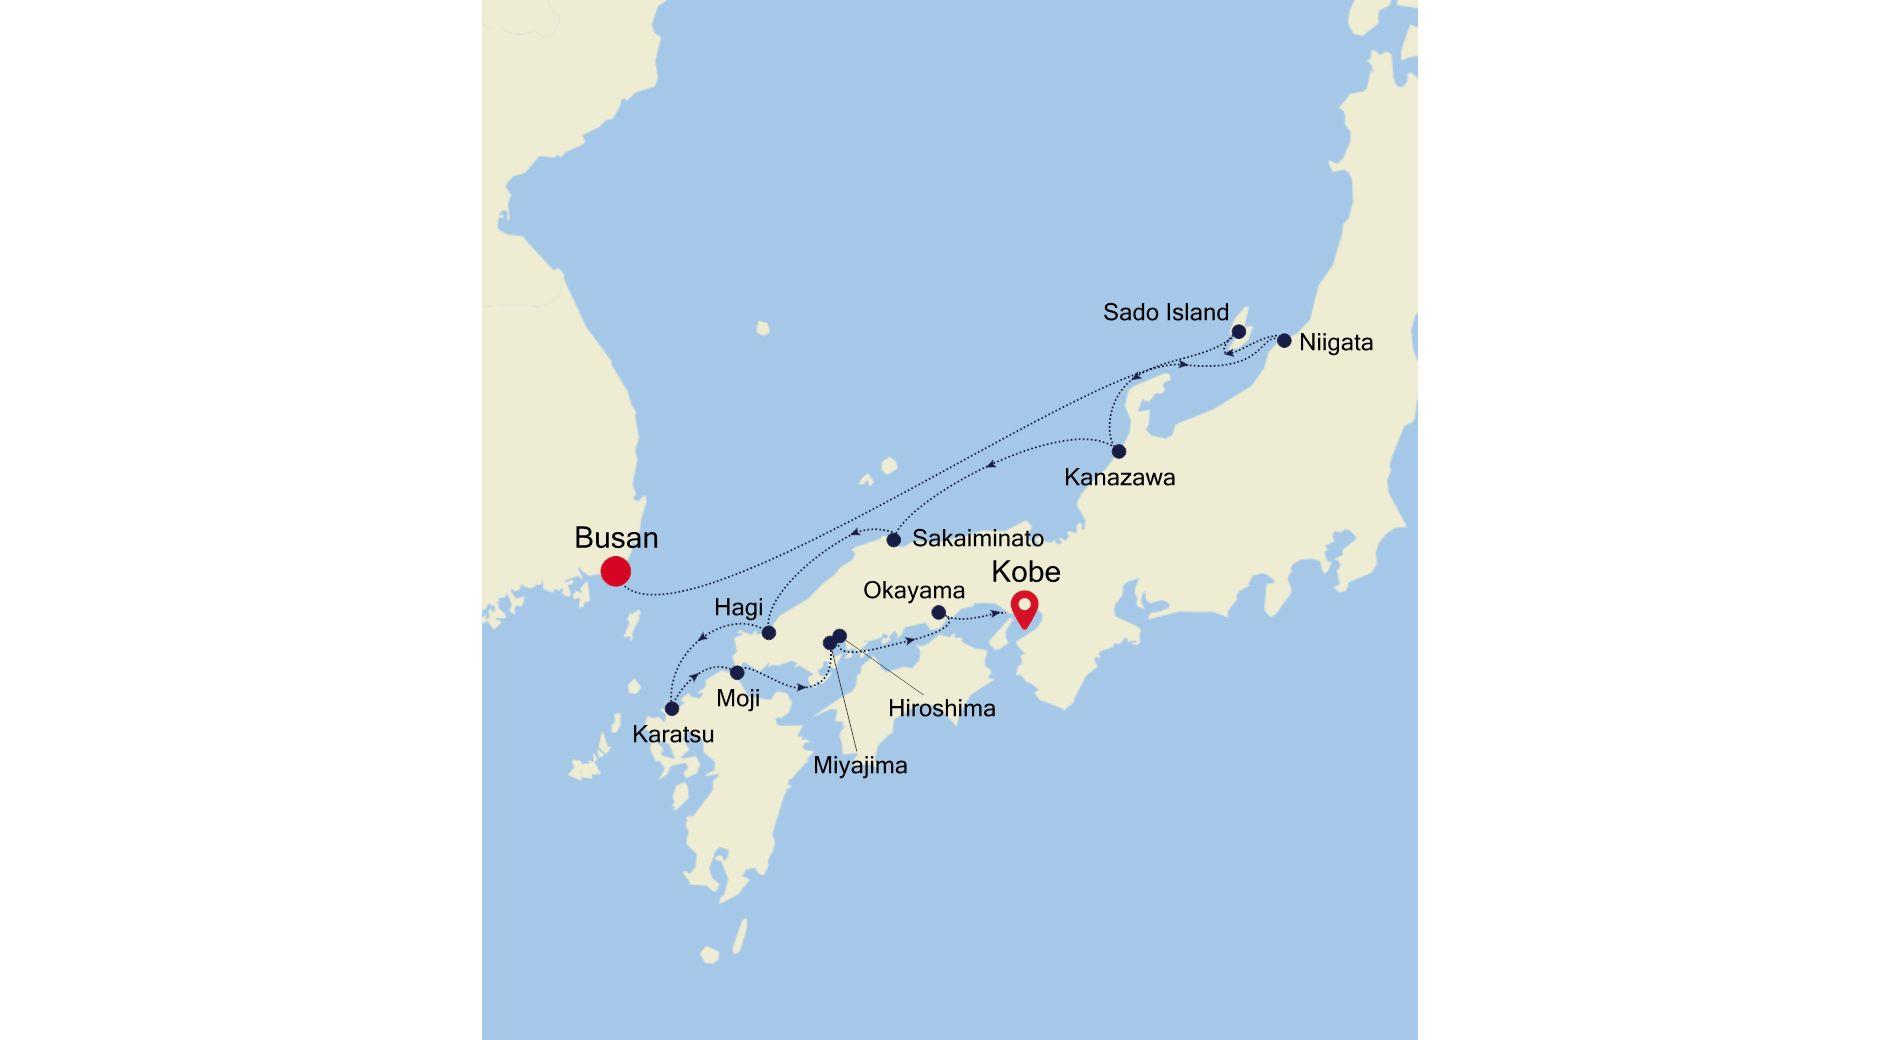 7910A - Busan to Kobe